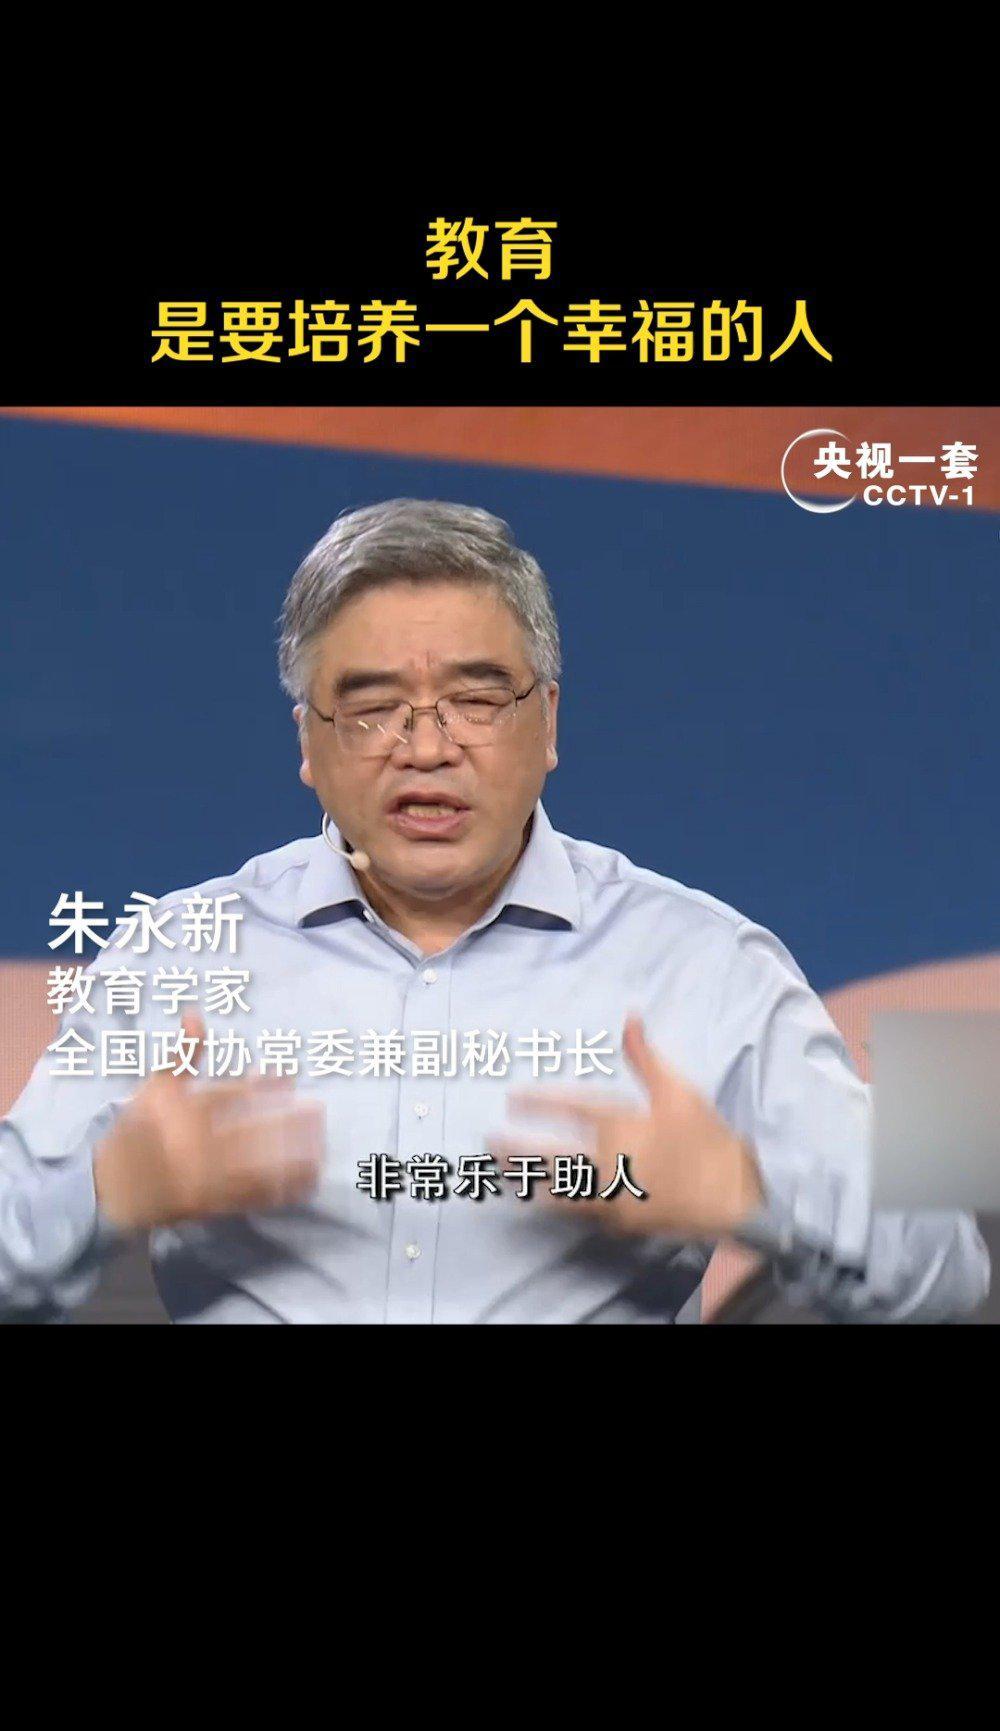 教育学家朱永新:我们要培养幸福的人……